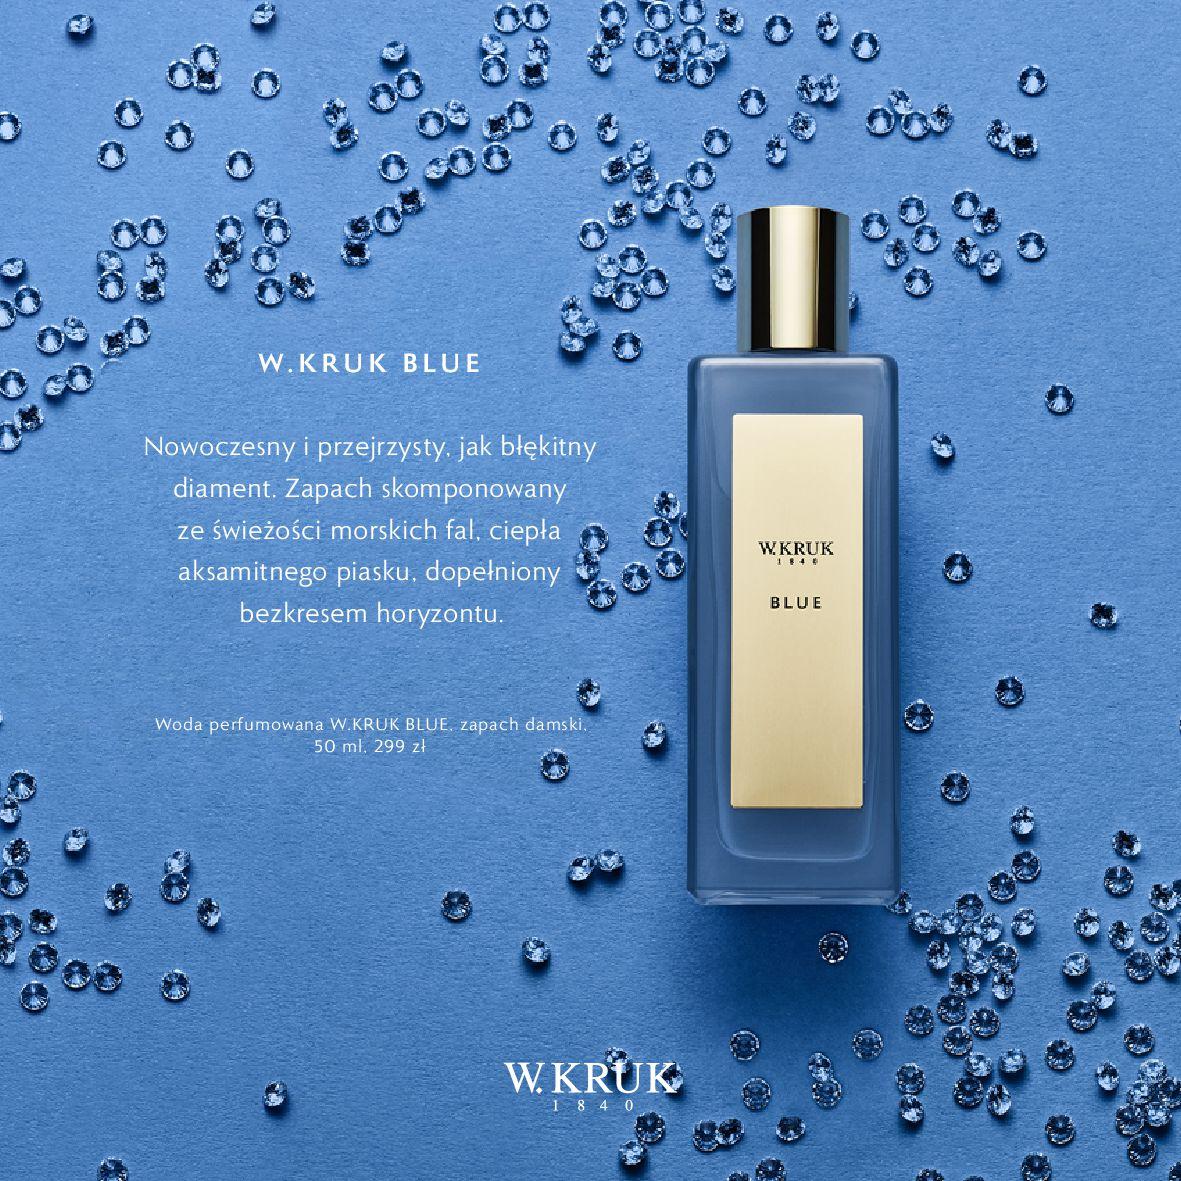 Gazetka W. KRUK: Katalog - Perfumy 2021-02-17 page-5